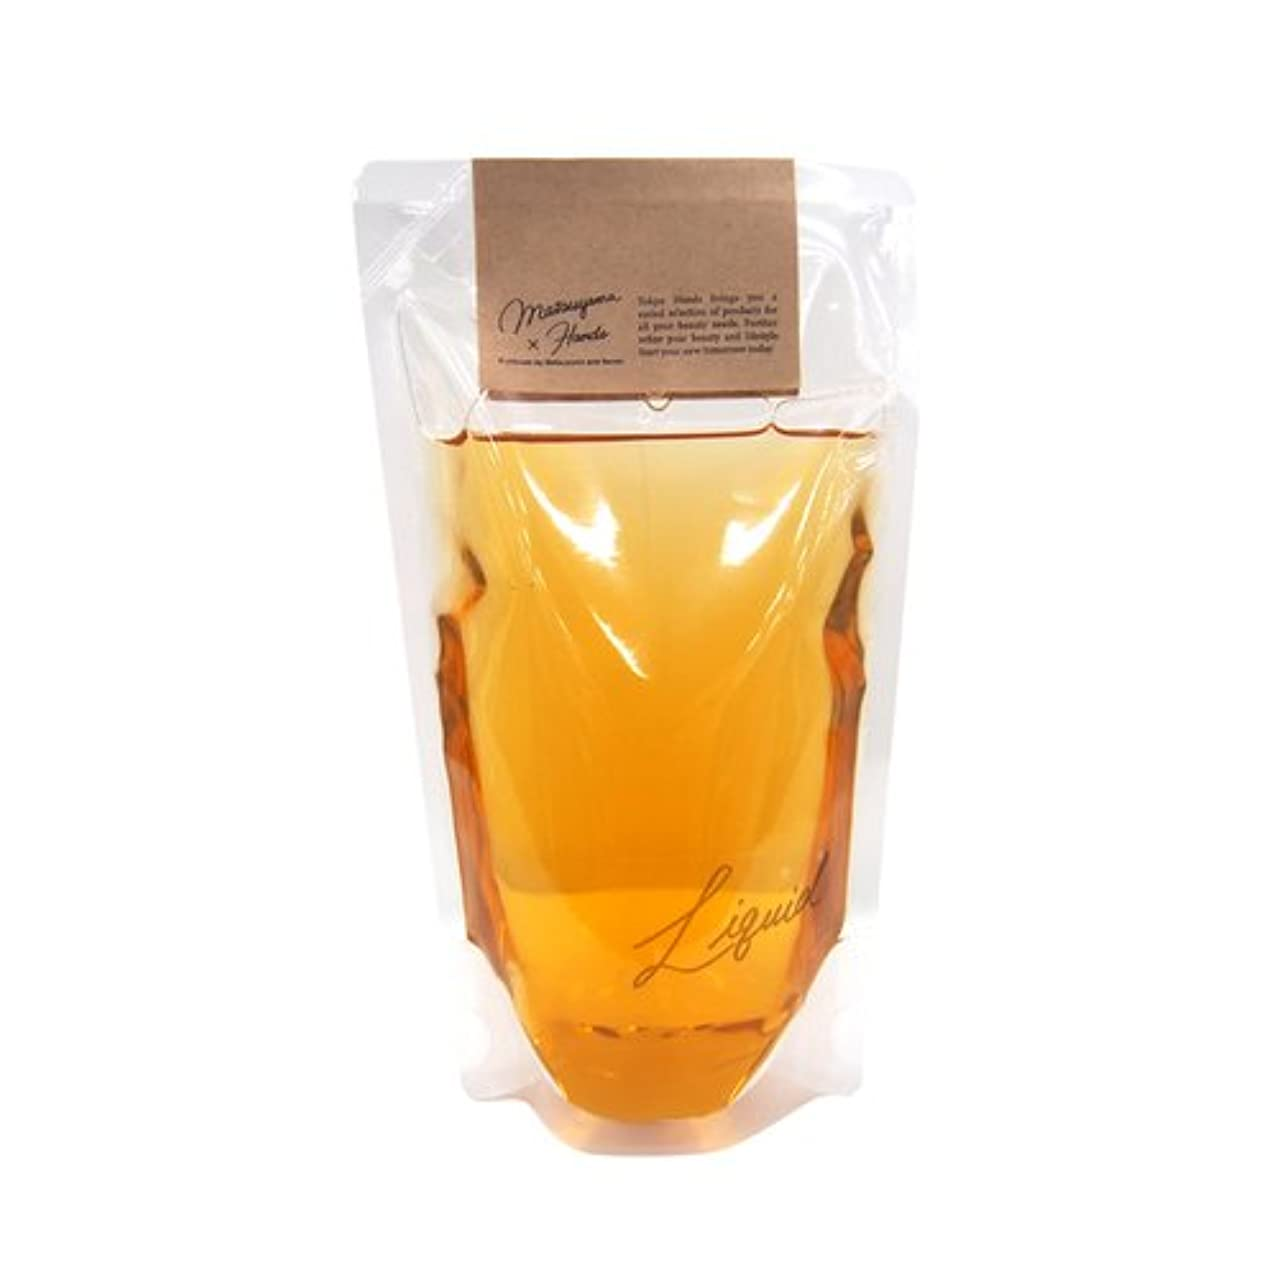 ユーモラス粗い維持する松山油脂×東急ハンズ 東急ハンズオリジナル モイスチャーリキッドソープ カモミール替 280mL